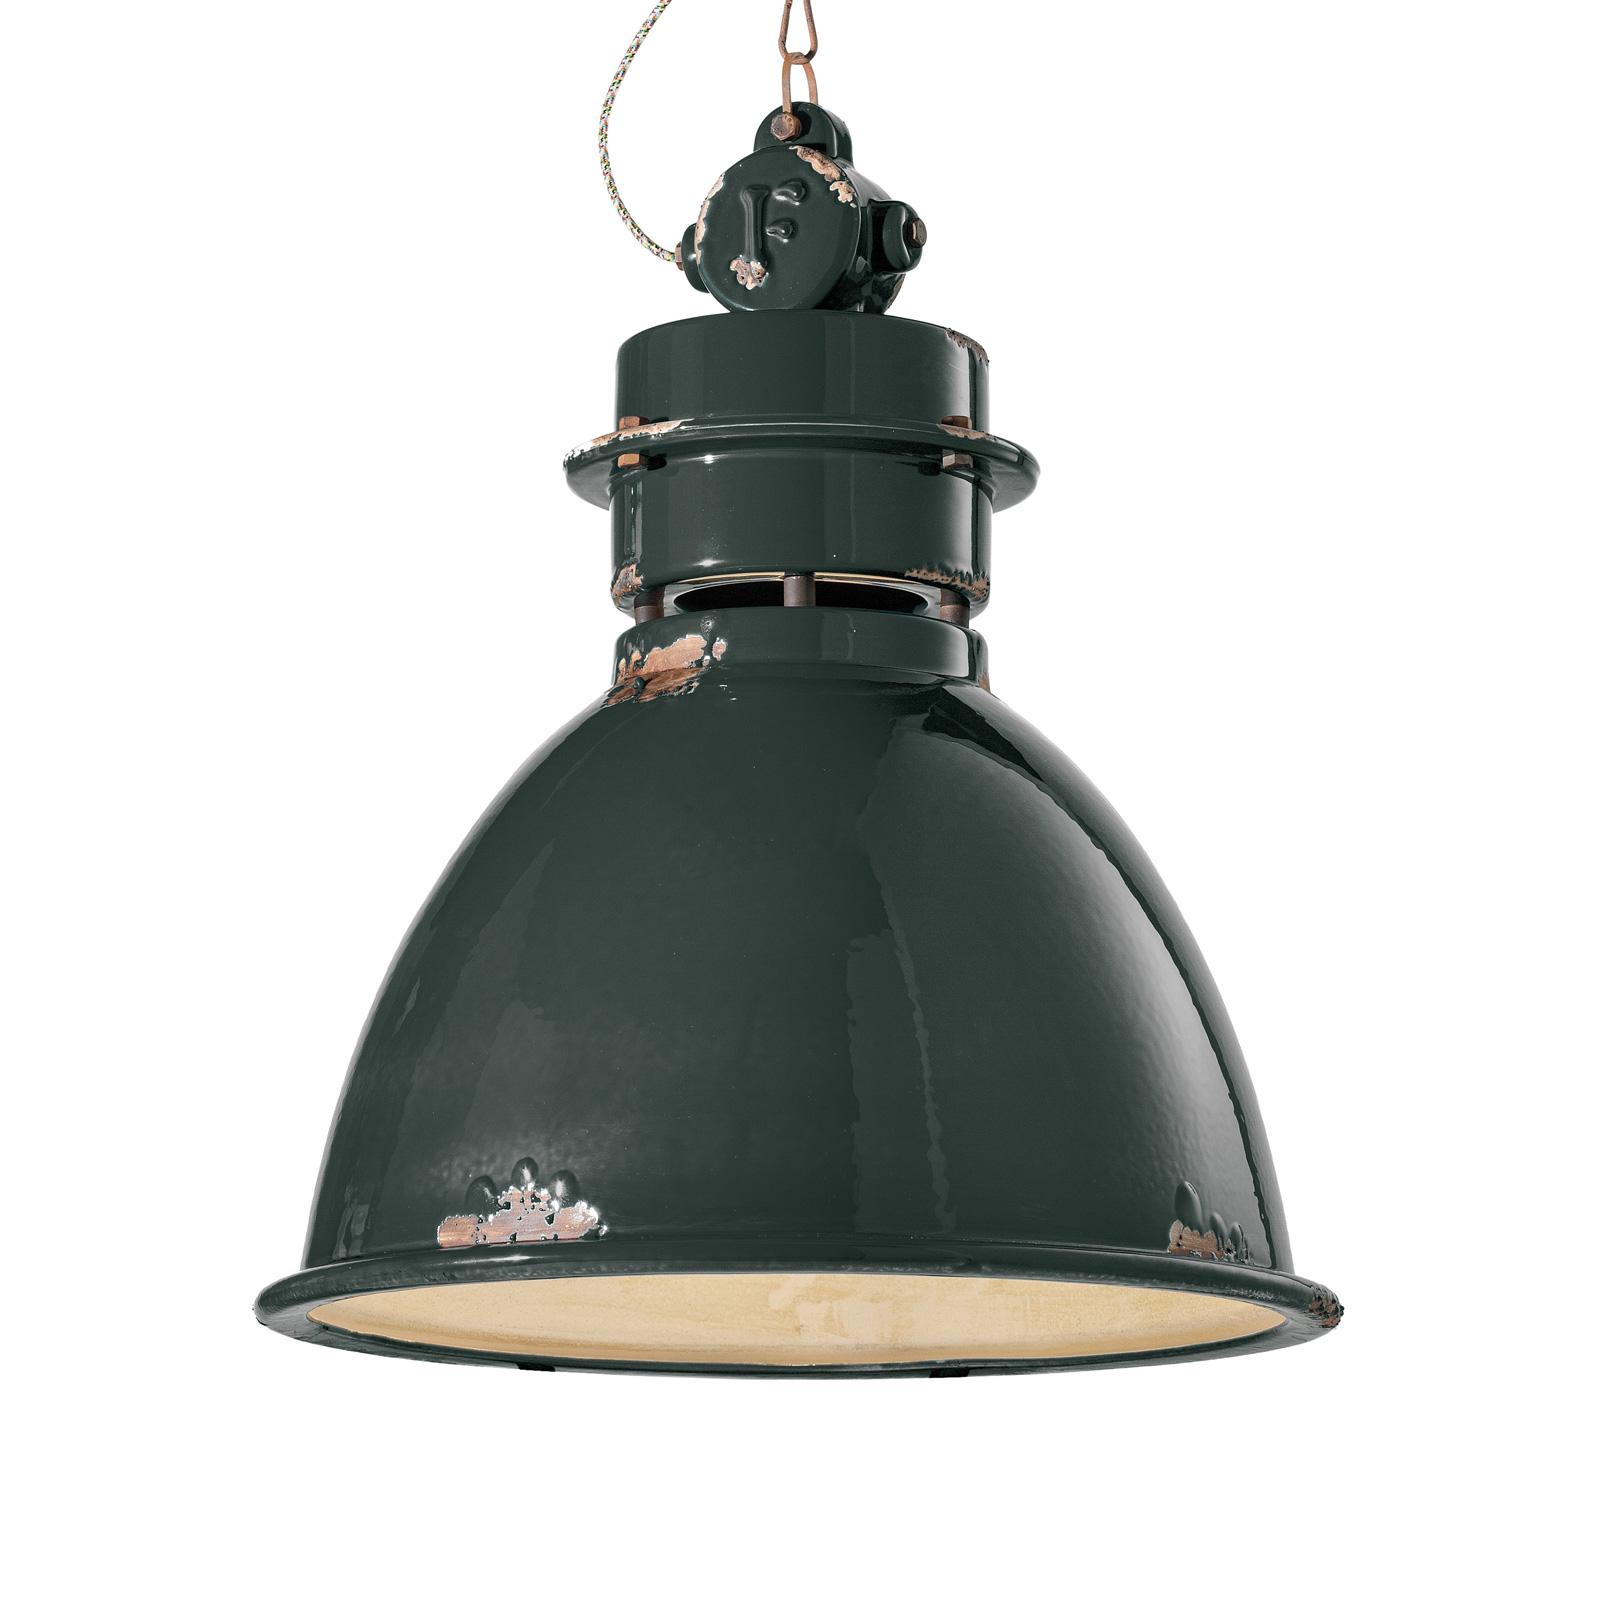 Hanglamp C1750 met keramische kap, zwart